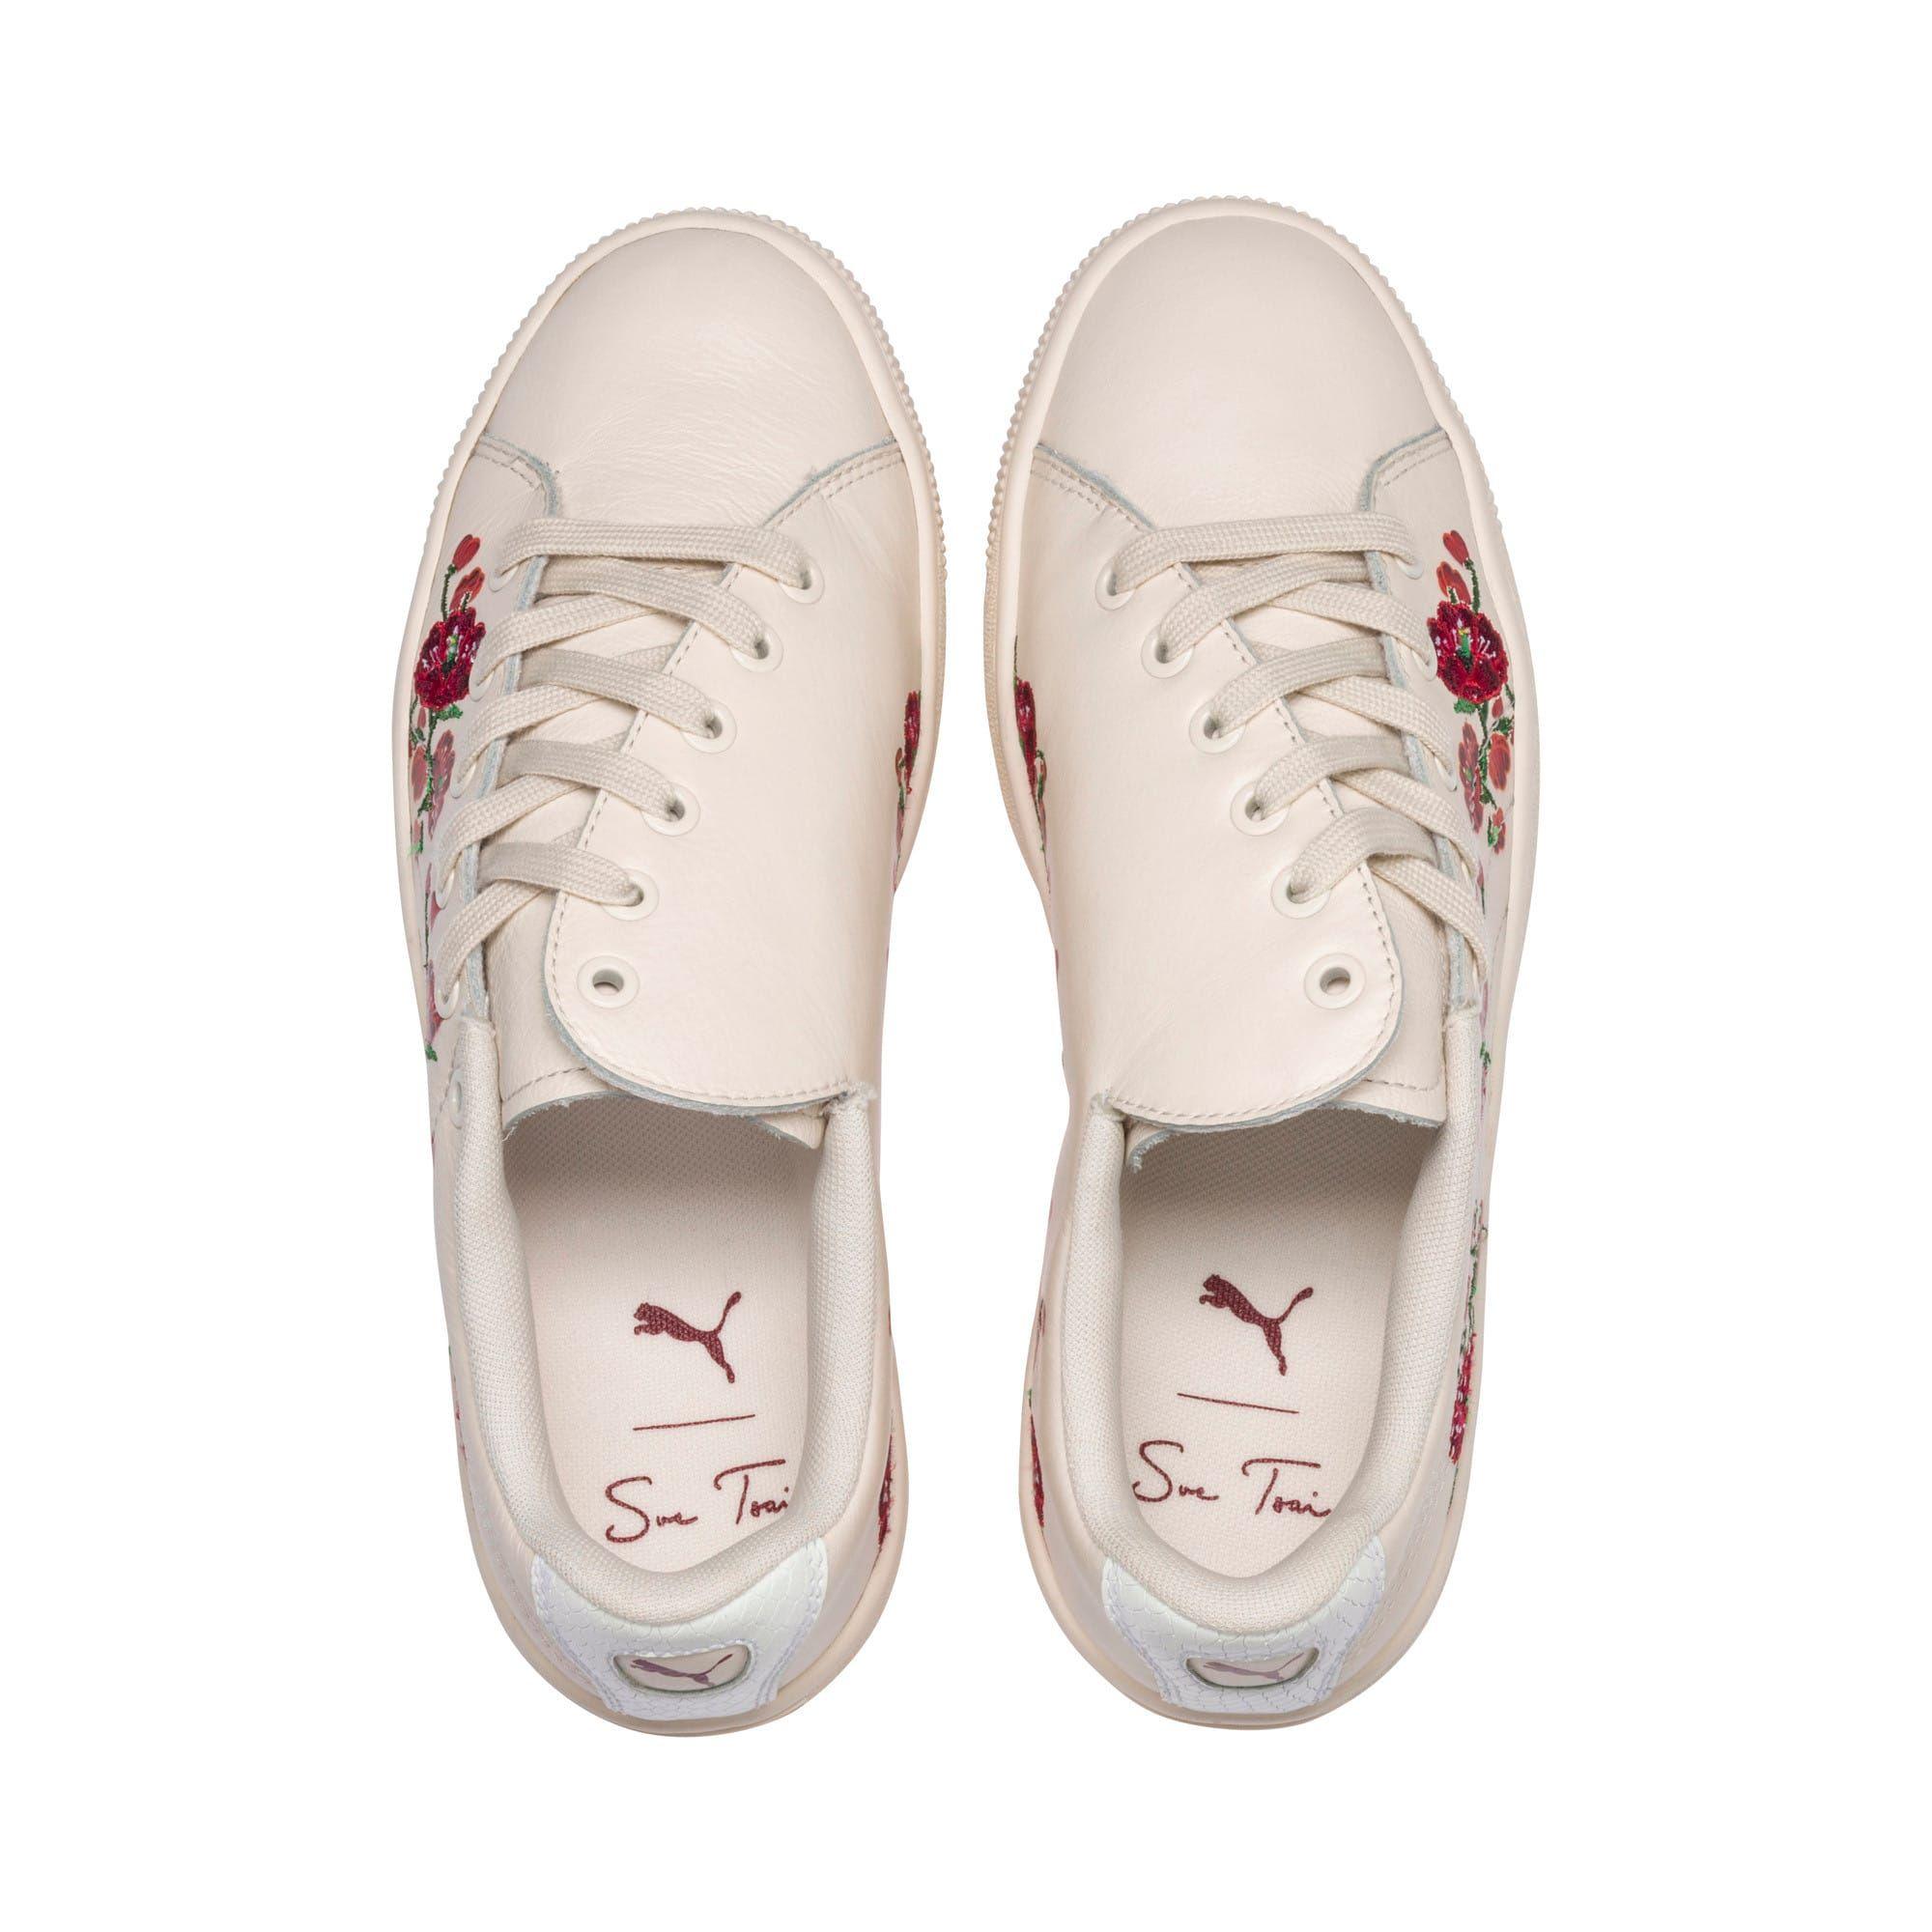 Puma X Sue Tsai Cherry Bombs Women S Shoe Sneakers In Powder Puff Powder Puff Size 3 5 Womens Sneakers Women Shoes Womens Shoes Sneakers